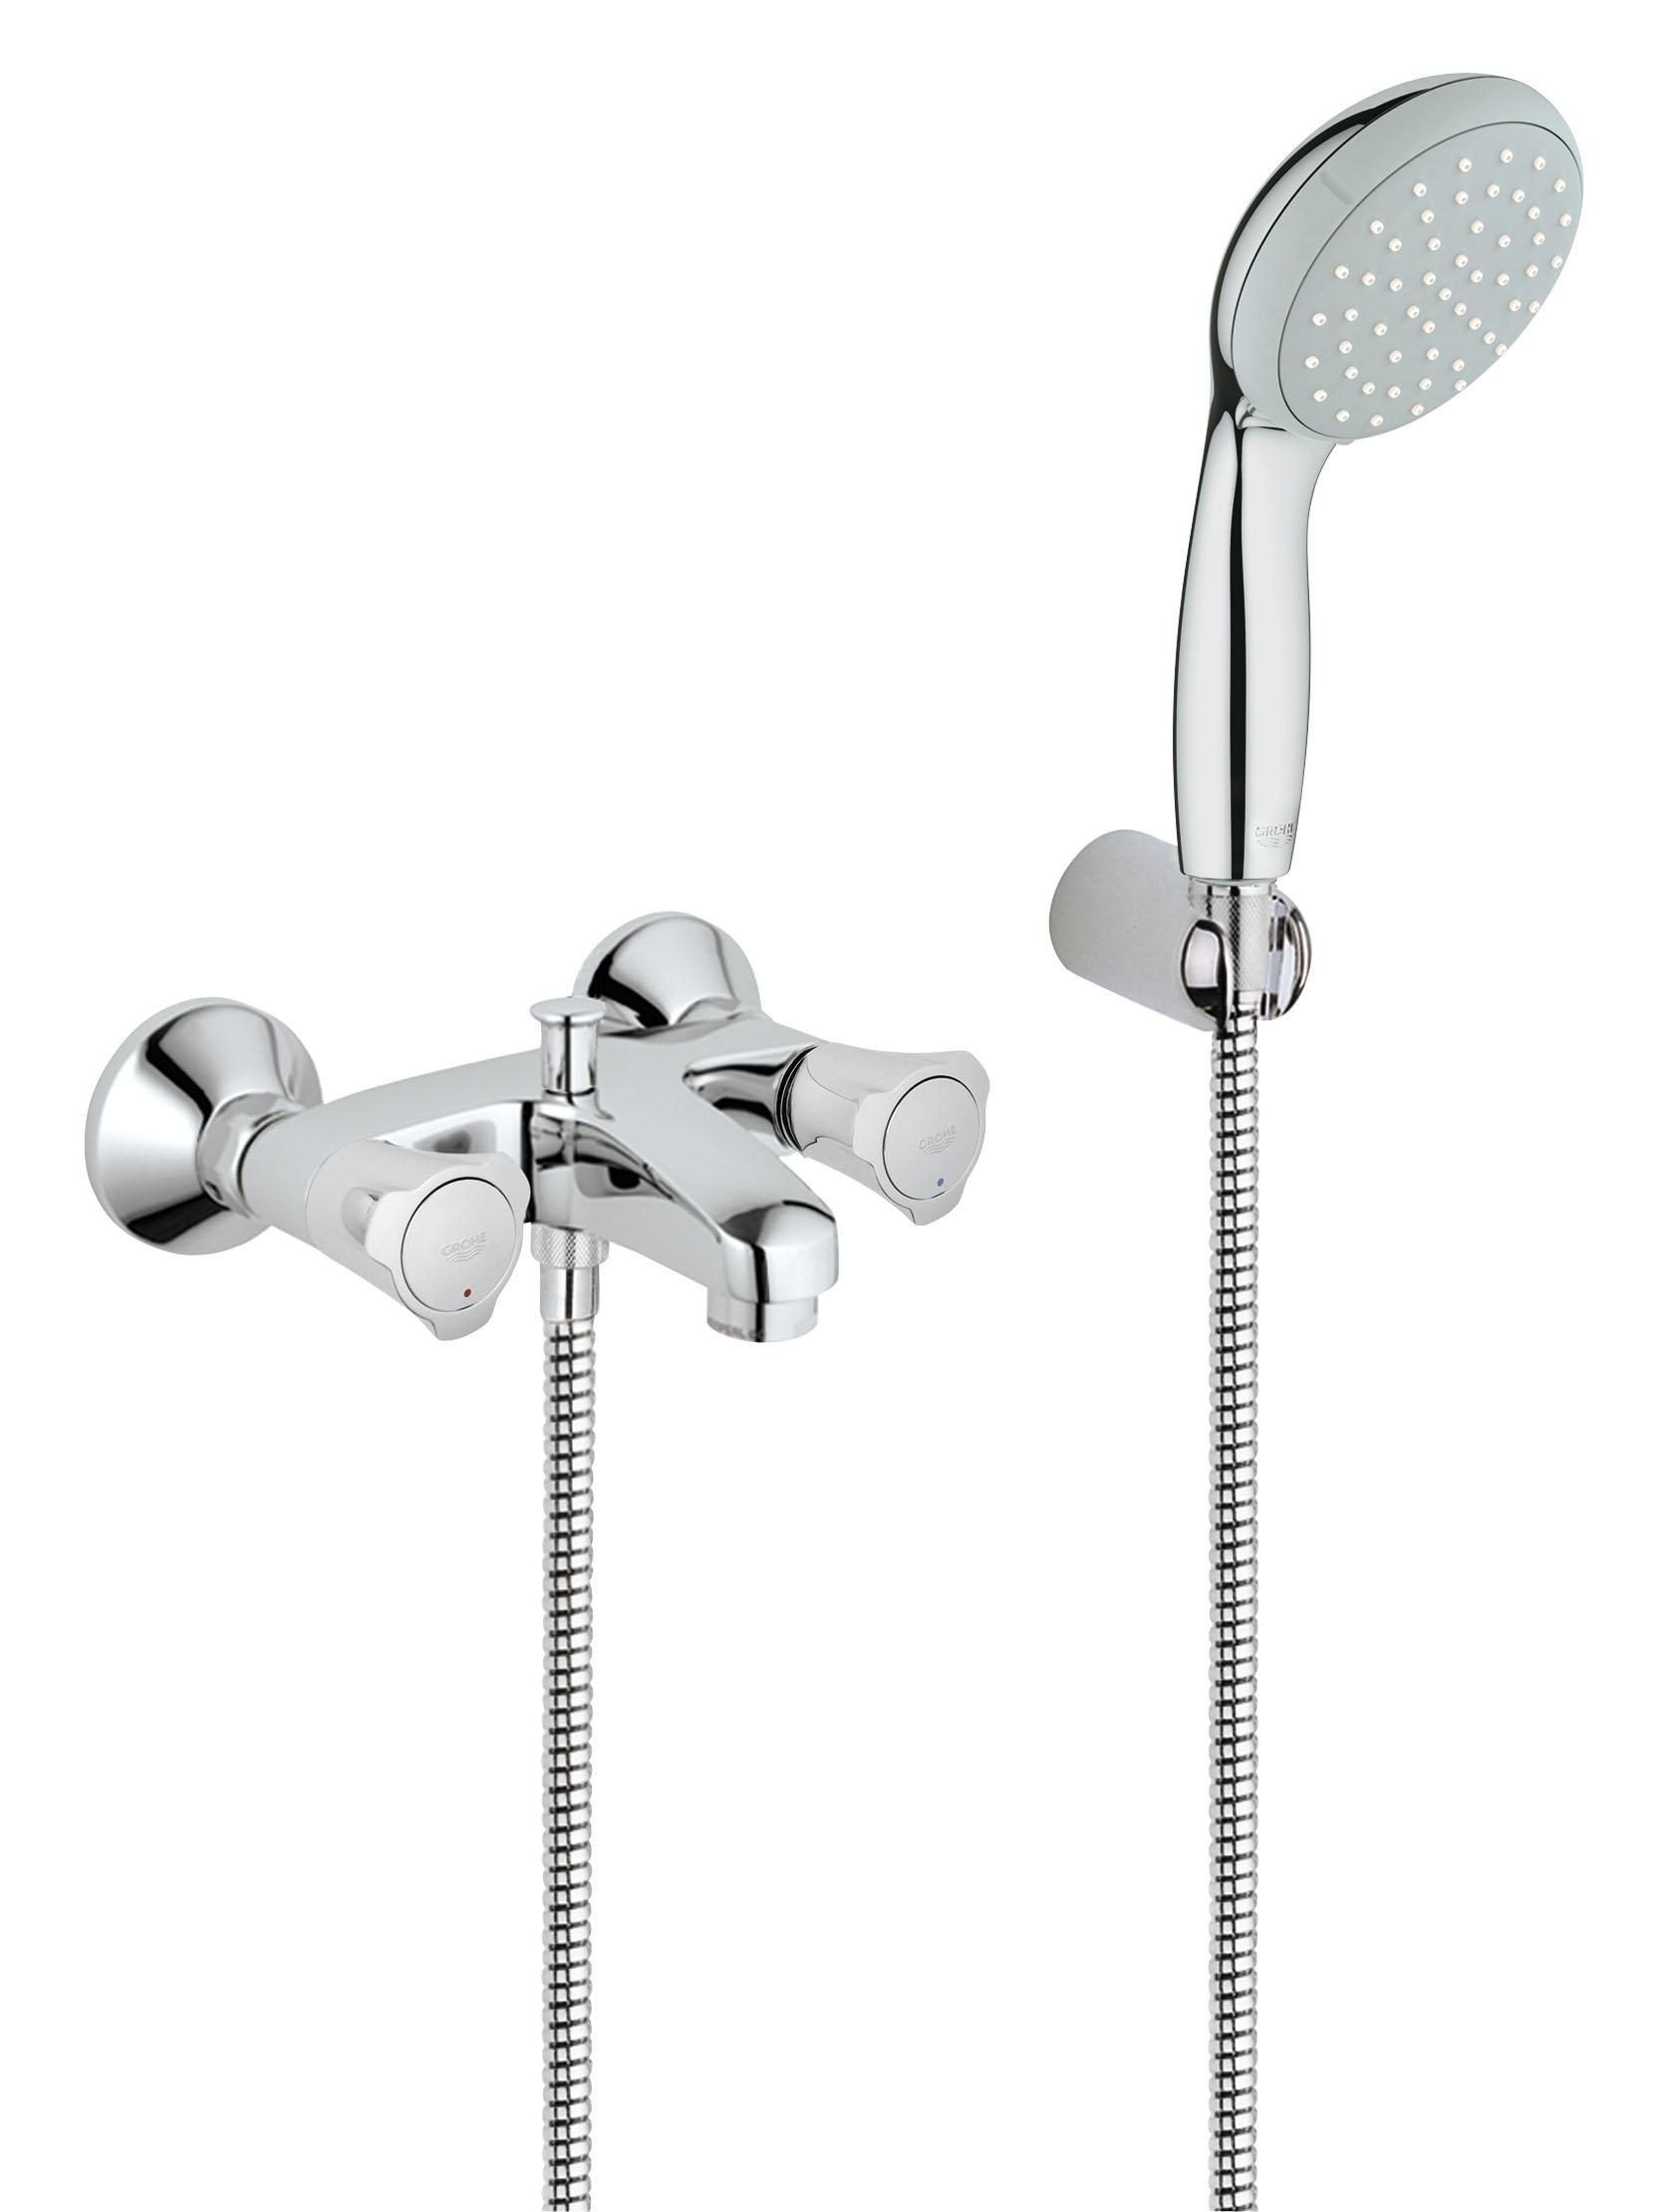 Смеситель для ванны Grohe Costa l 25460001 экран для ванны triton скарлет l